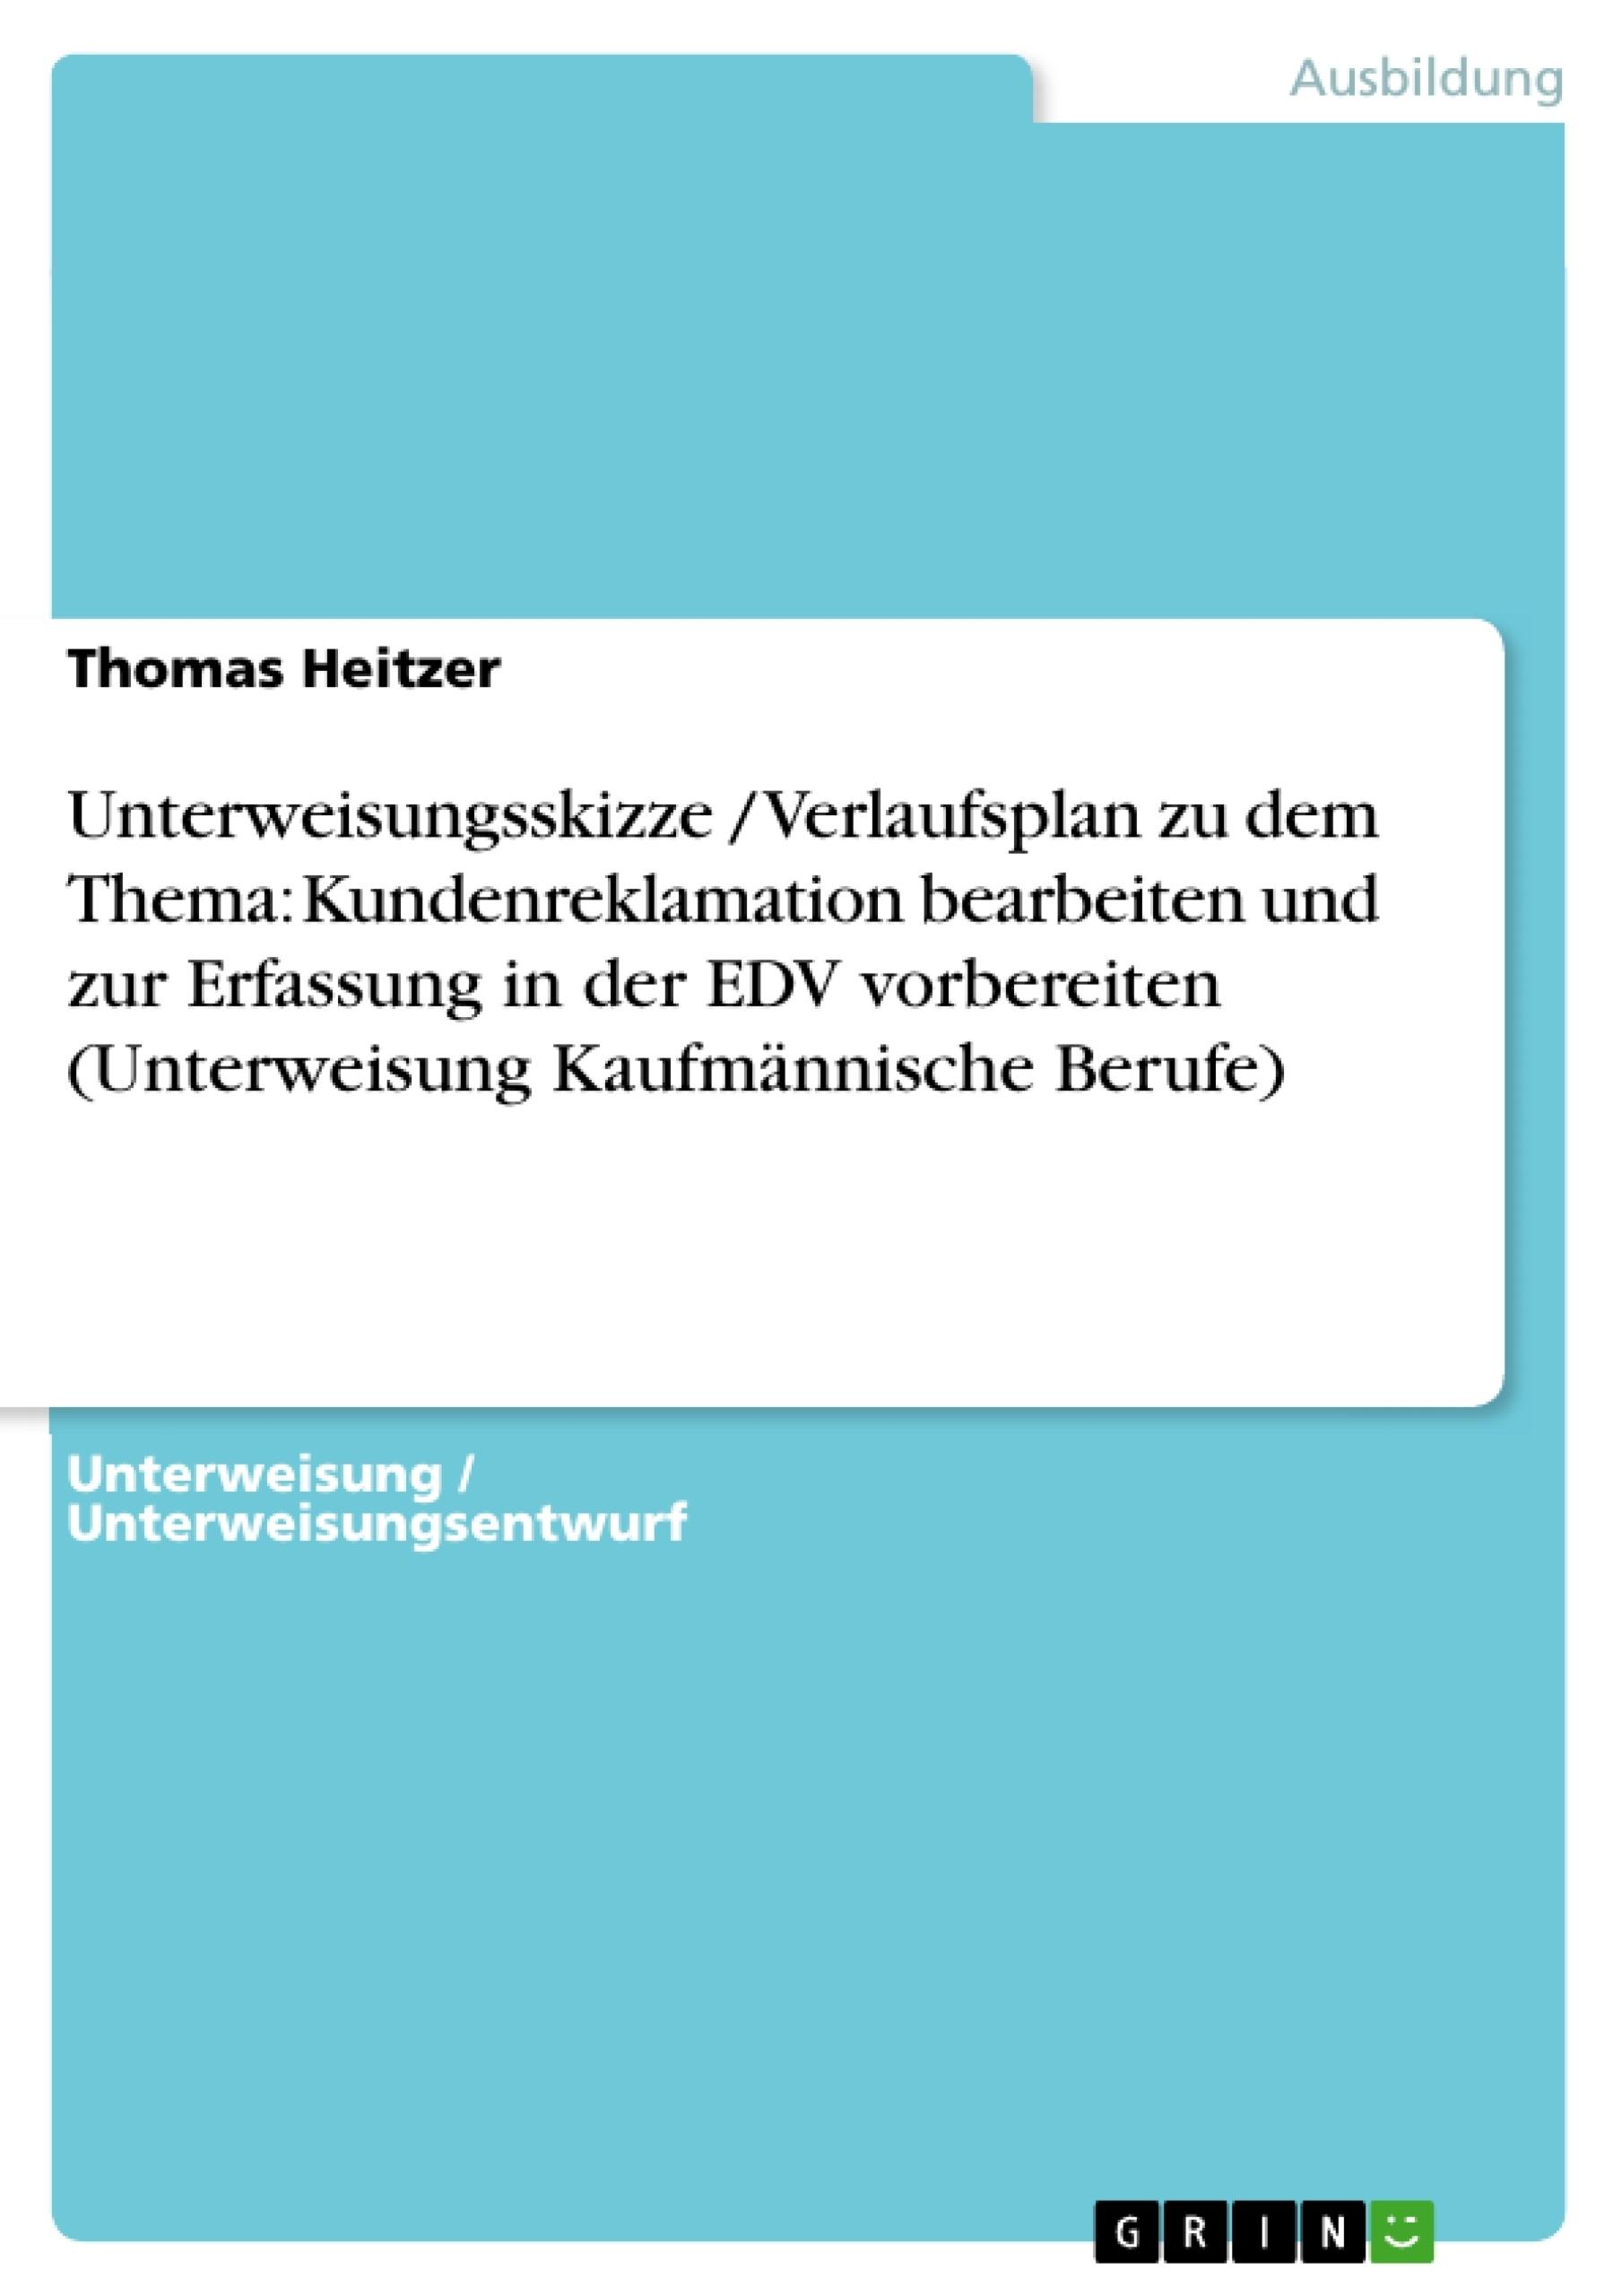 Titel: Unterweisungsskizze / Verlaufsplan zu dem Thema: Kundenreklamation bearbeiten und zur Erfassung in der EDV vorbereiten (Unterweisung Kaufmännische Berufe)